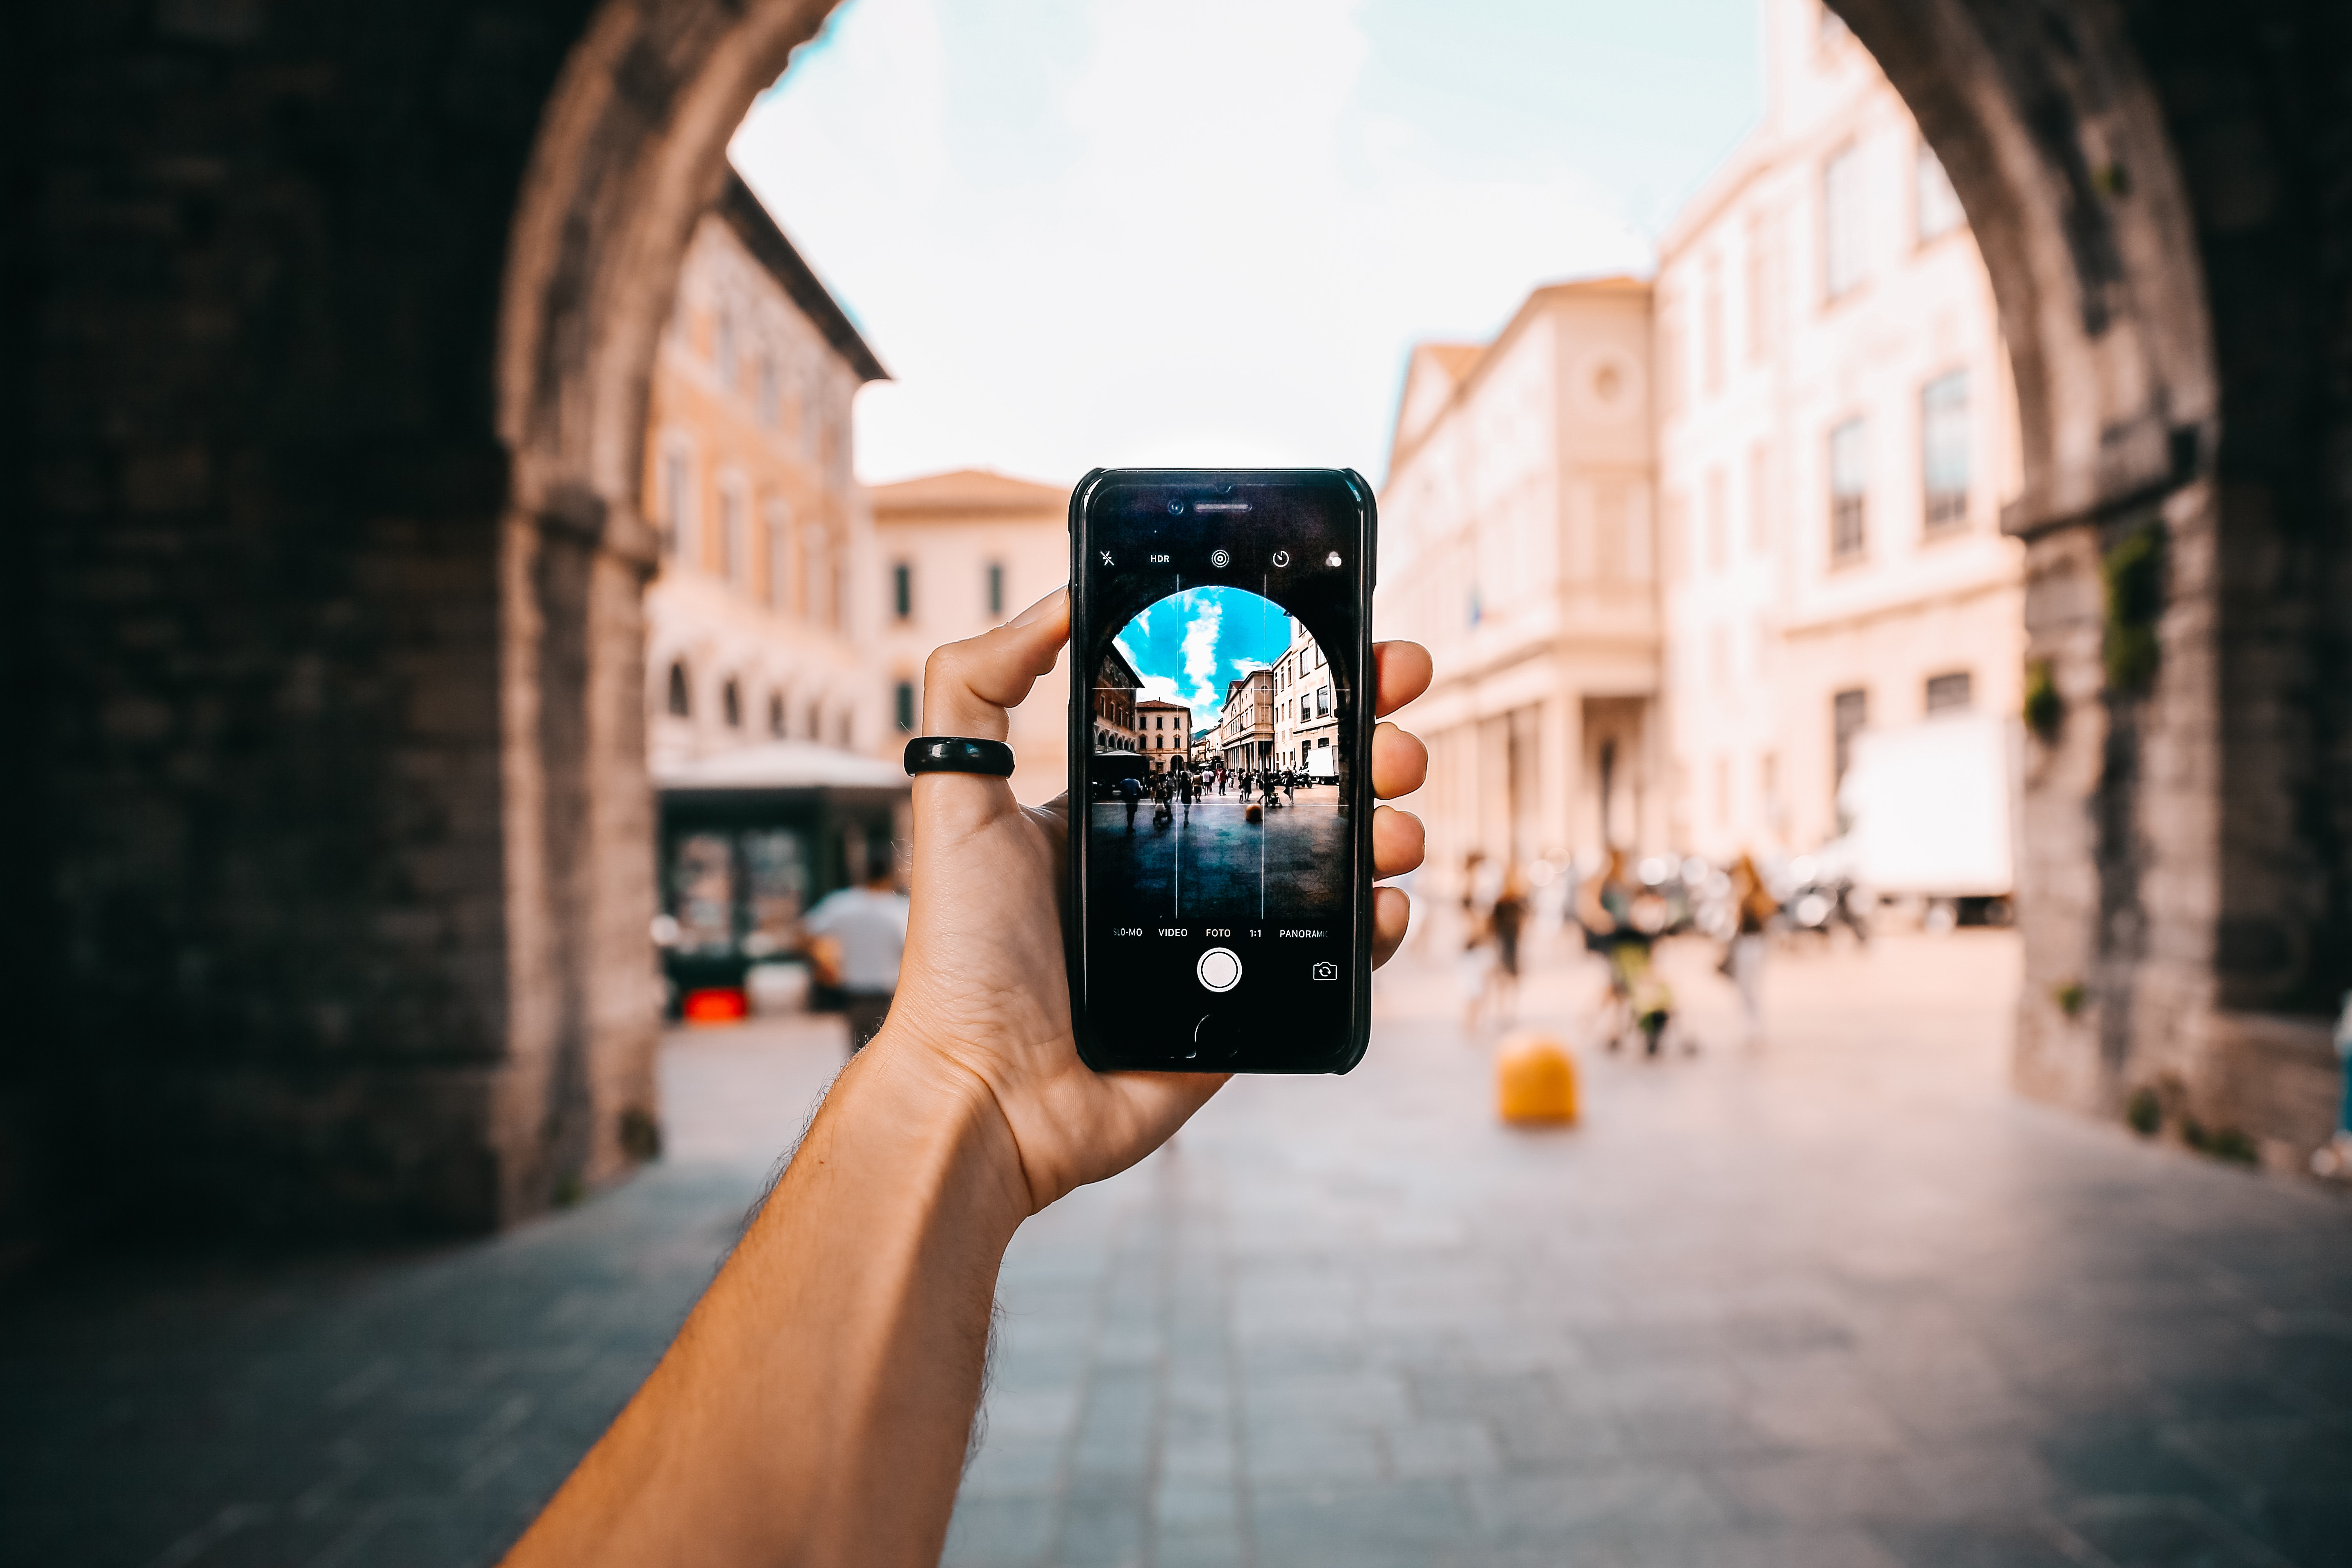 smartphone-smart-city